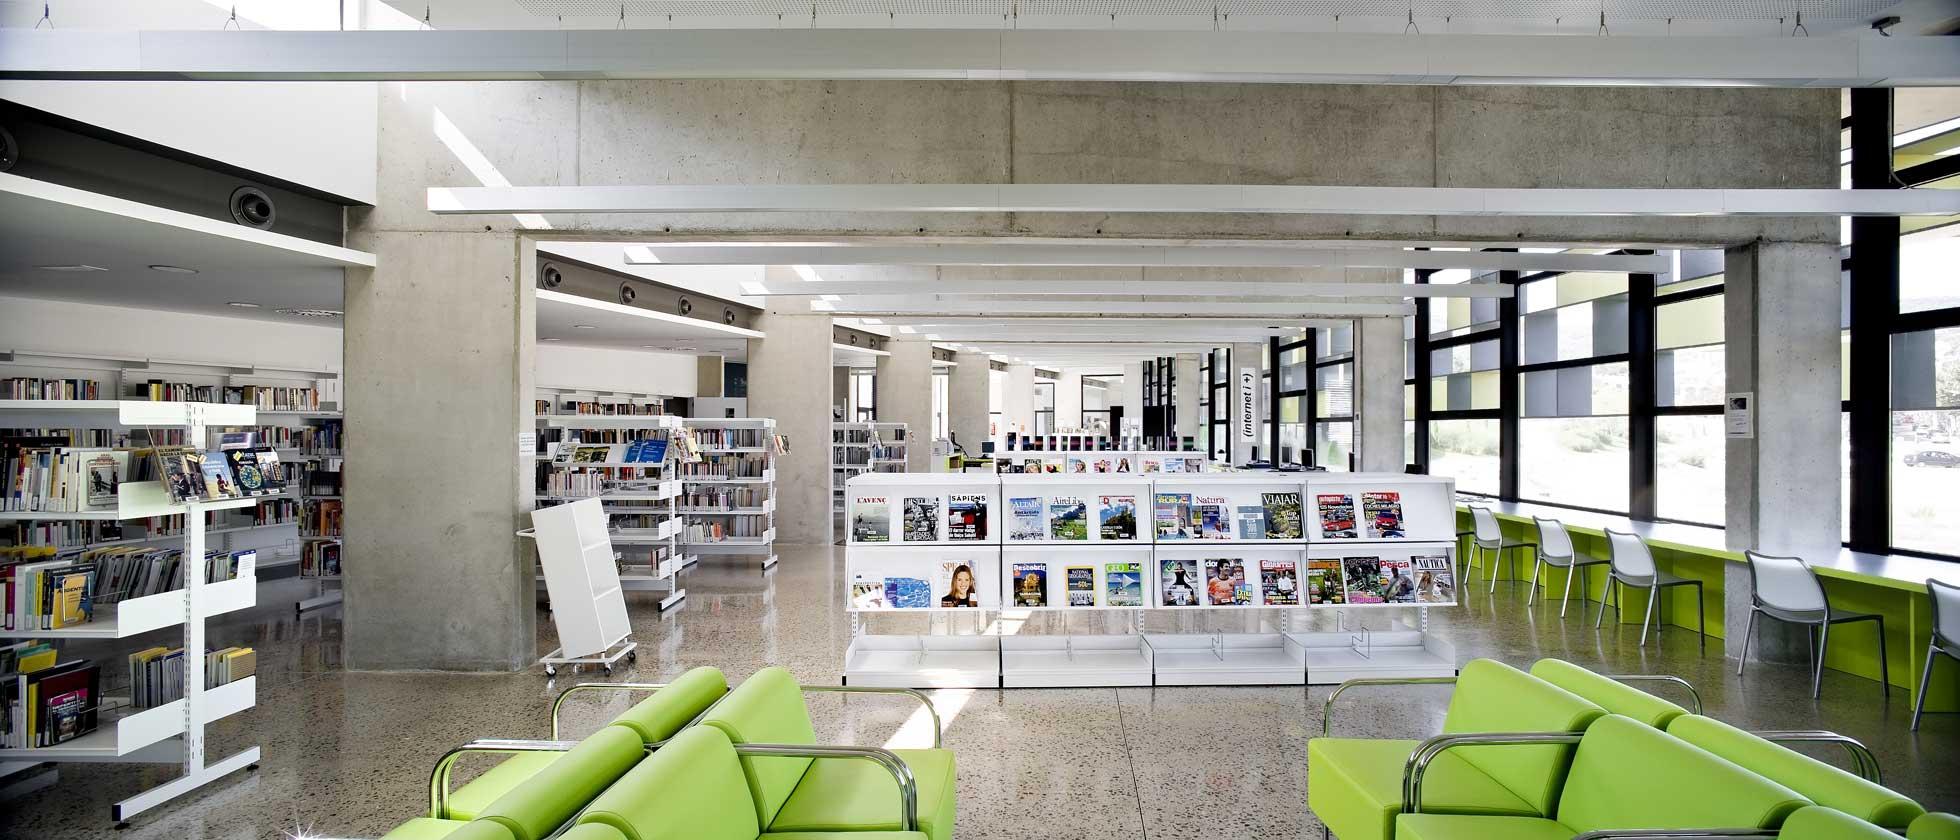 Biblioteca Llauradó 5